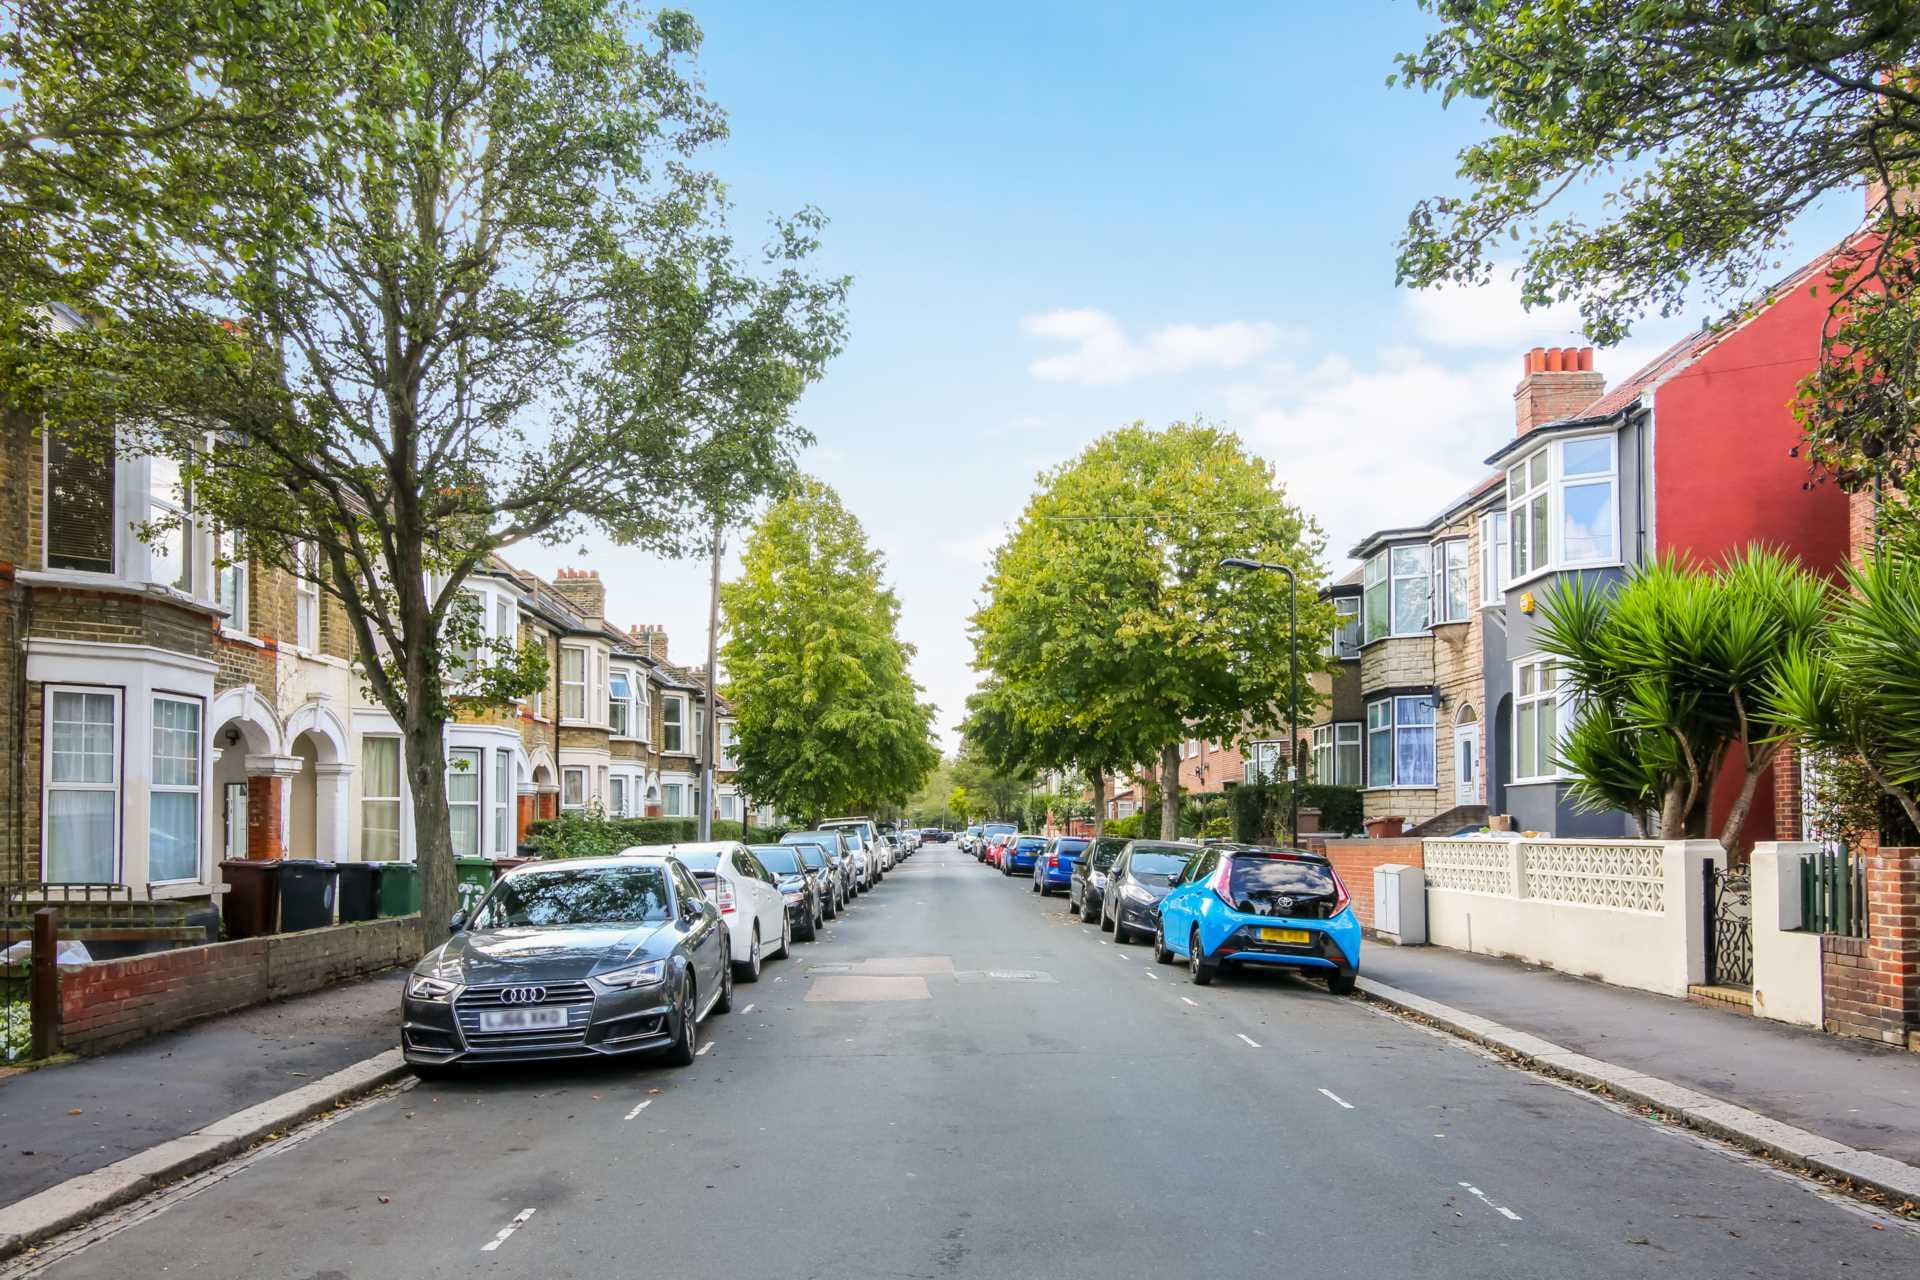 Huxley Road, Leyton, E10, Image 14